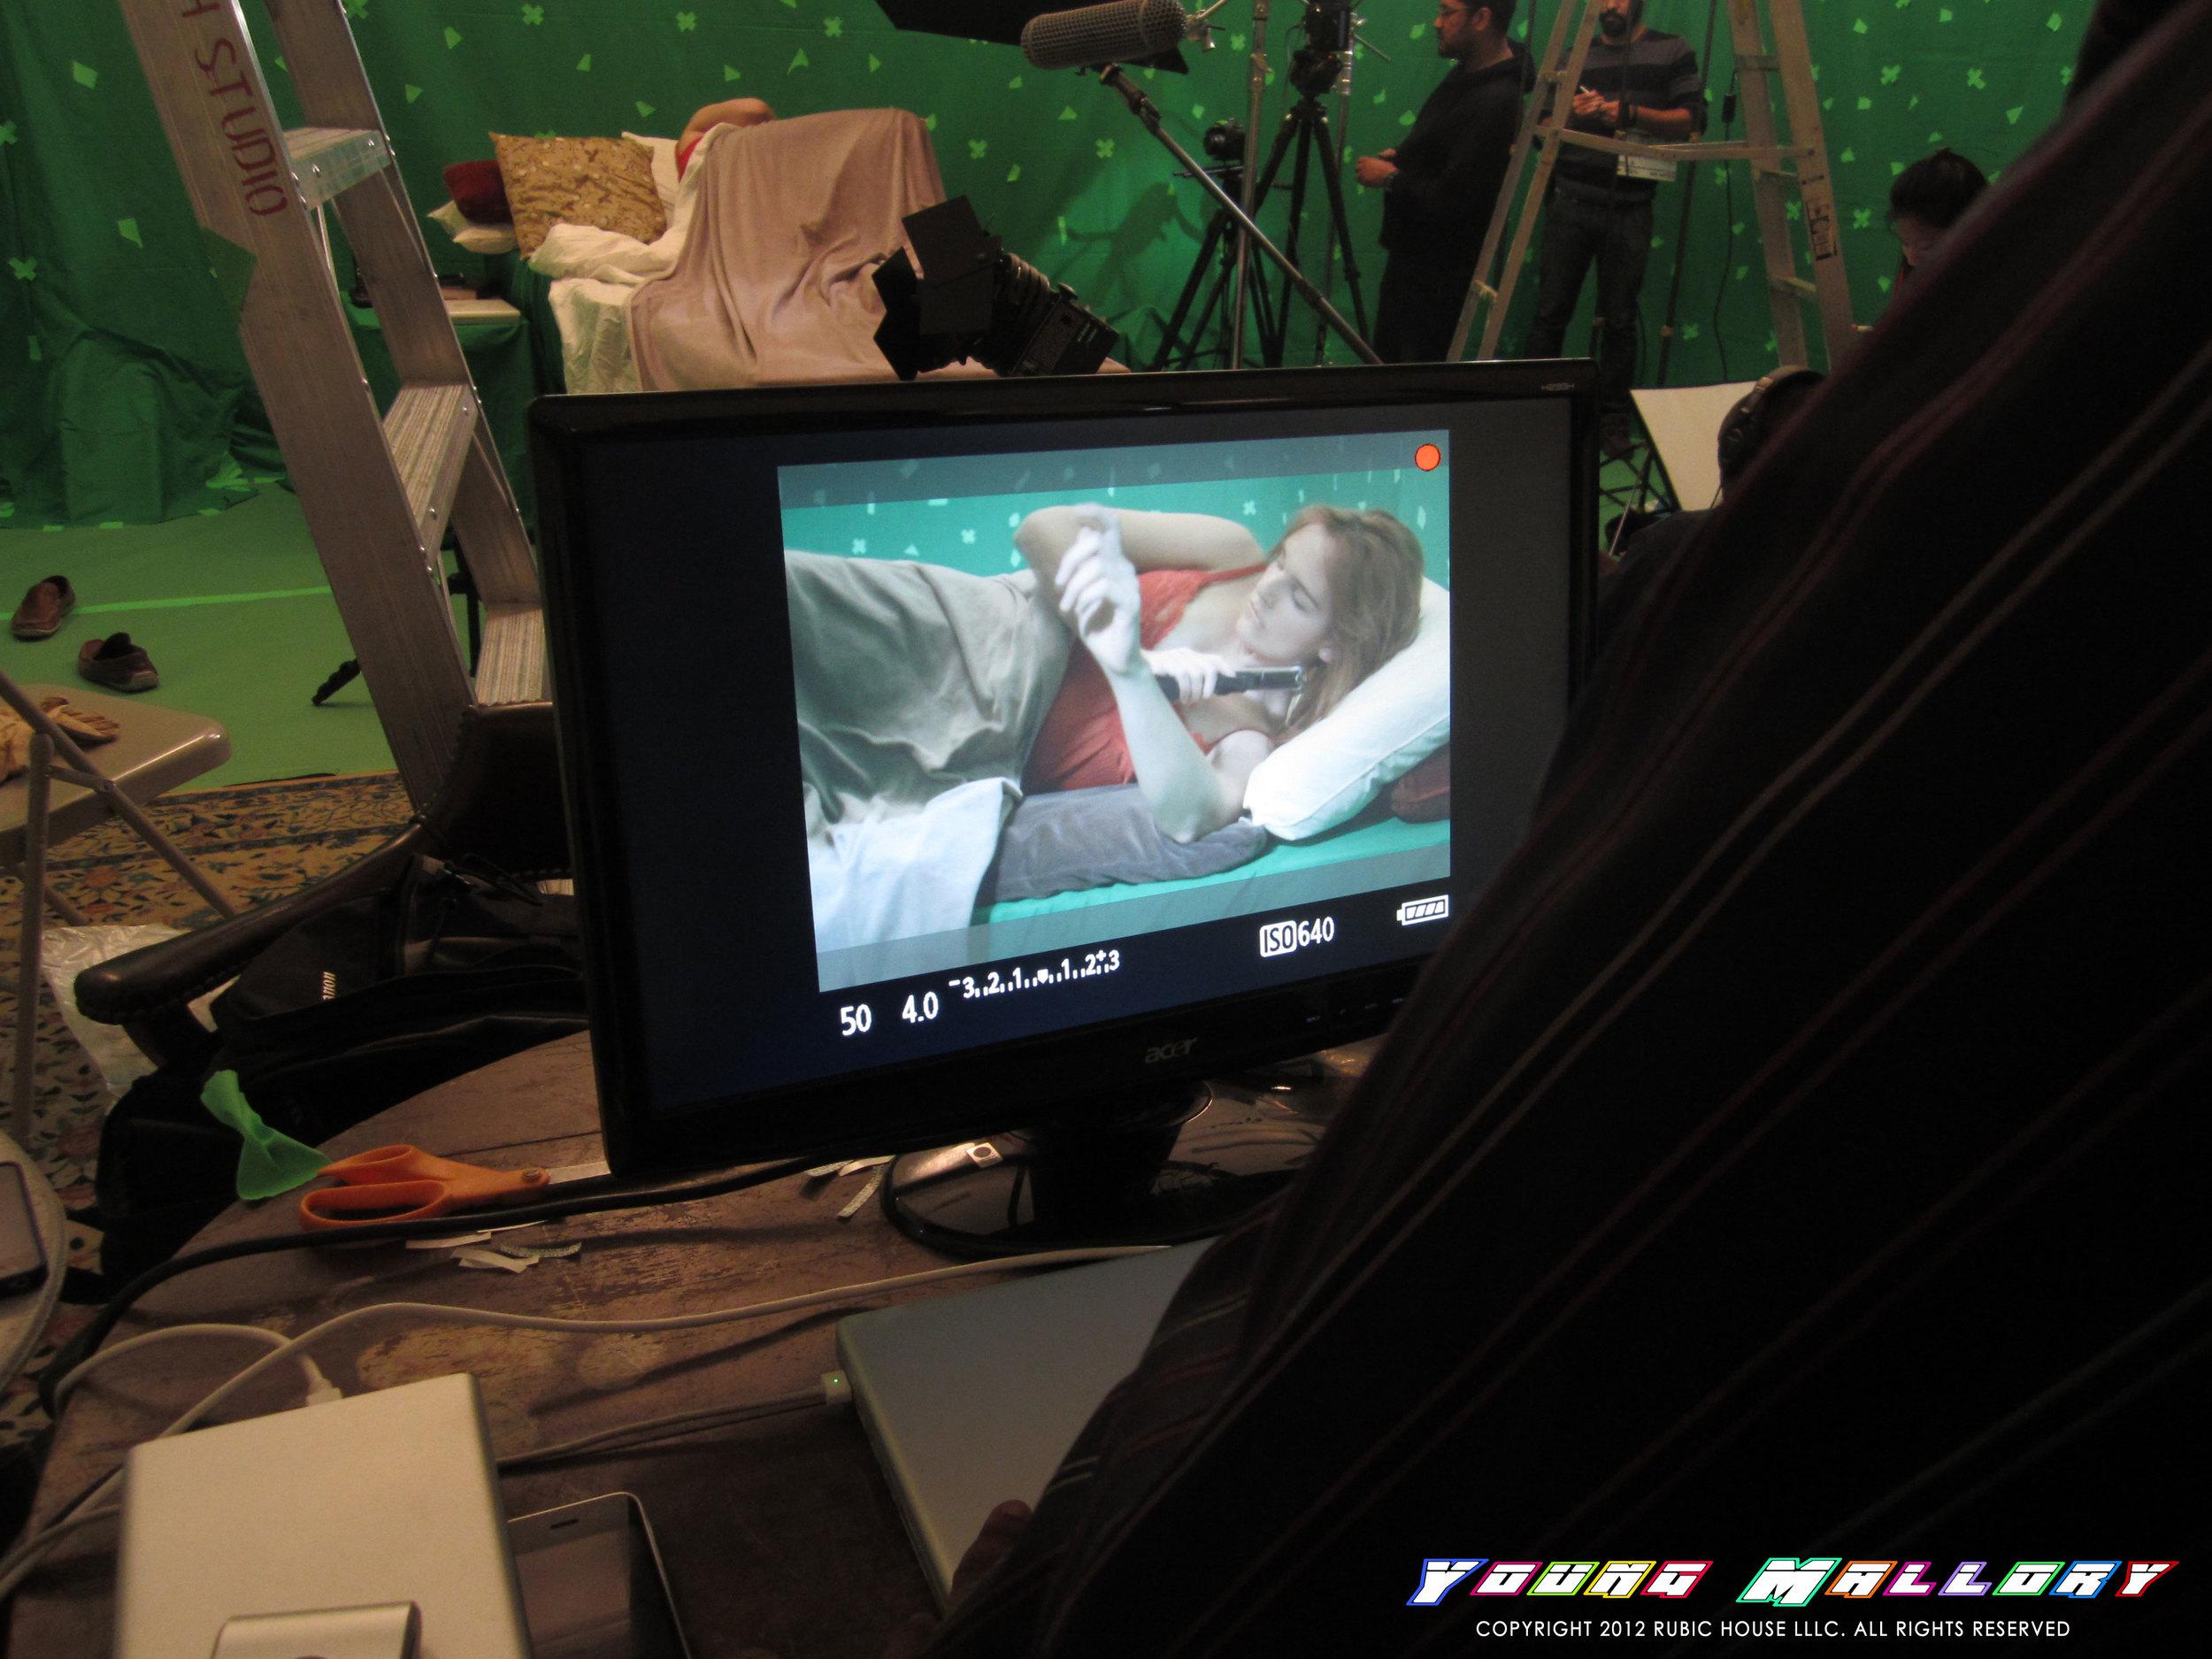 behind-the-scenes-photo-1.jpg